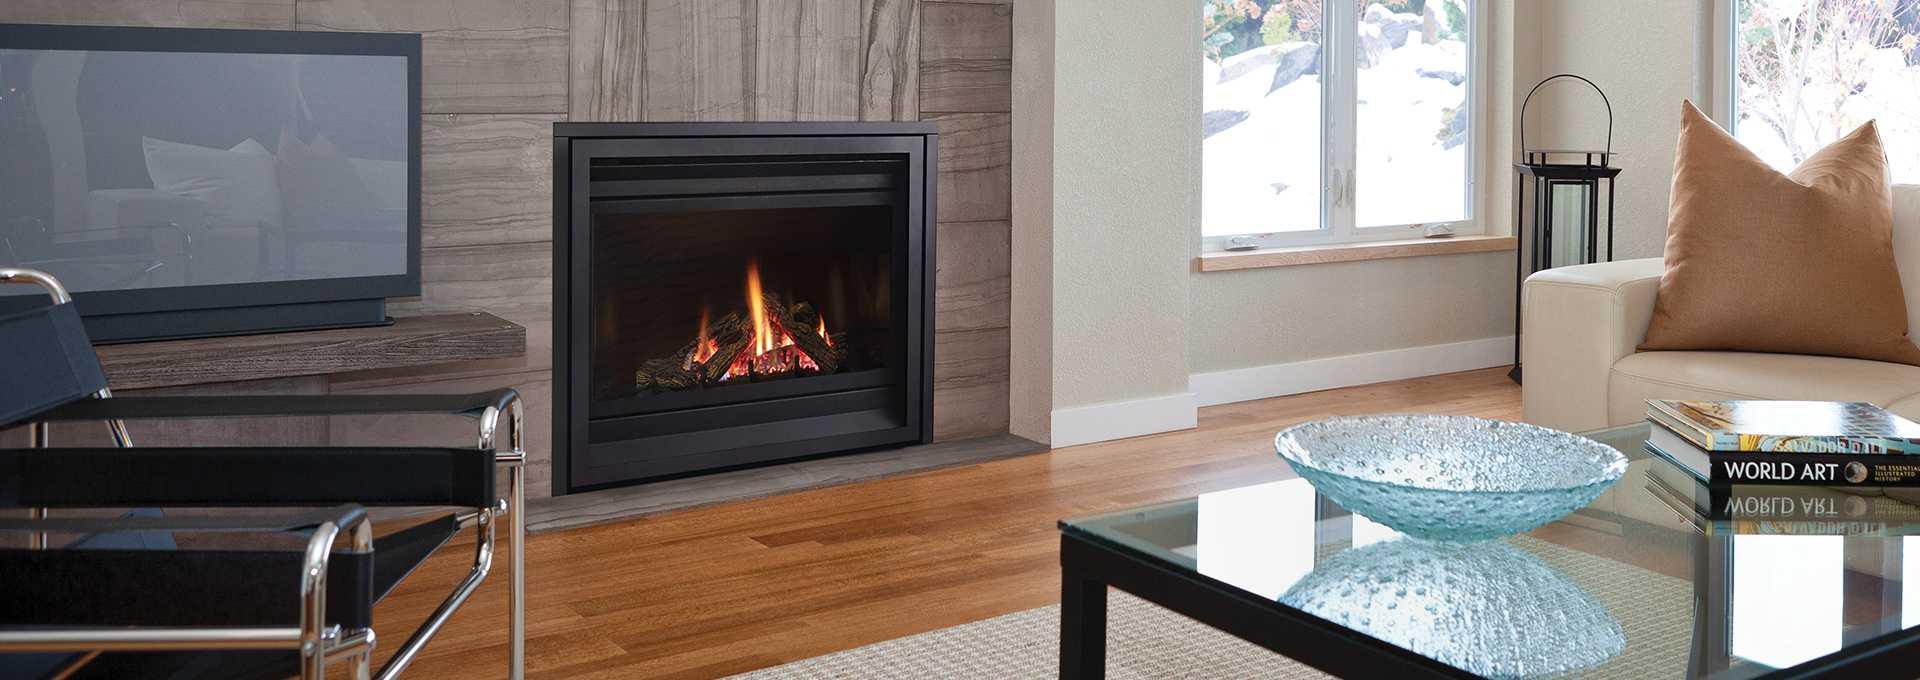 Panorama P36 Gas Fireplace-1